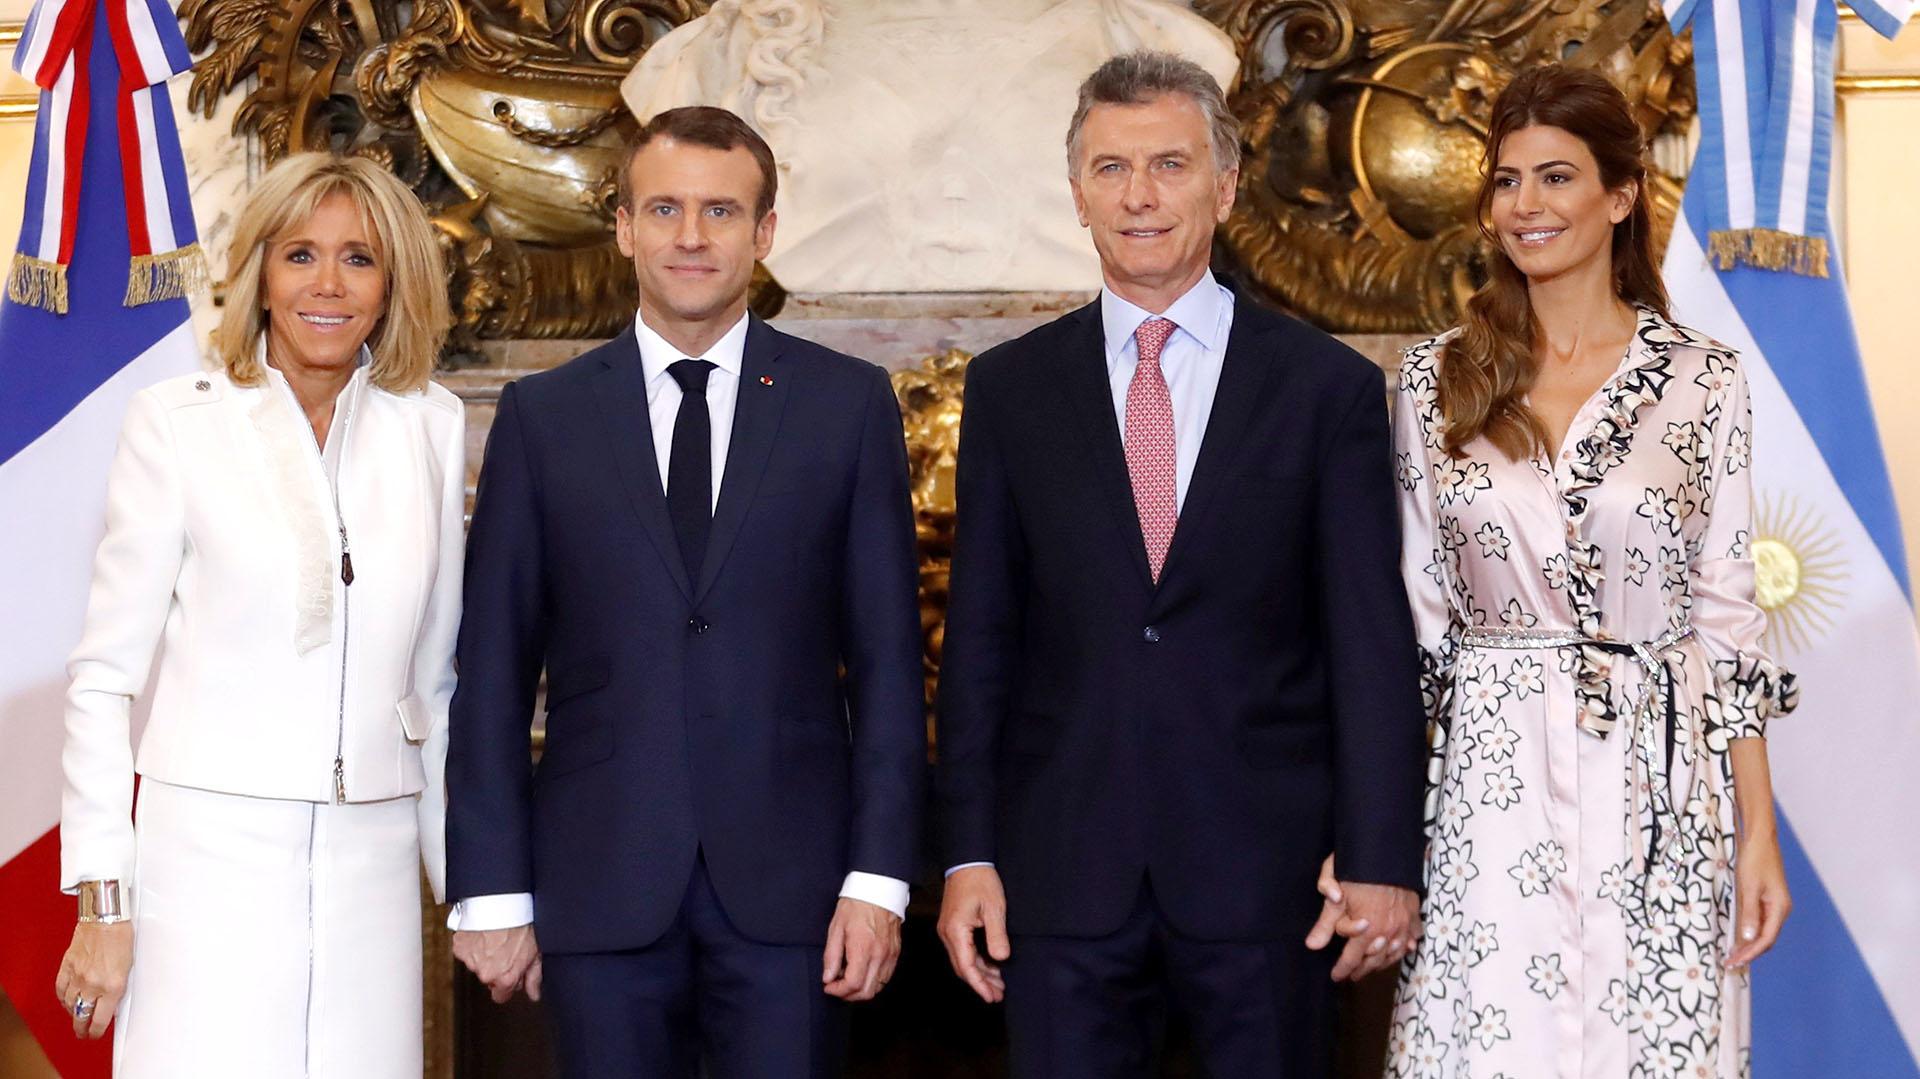 El presidente argentino, Mauricio Macri, y su esposa Juliana Awada, reciben en la Casa Rosada al presidente de Francia, Emmanuel Macron y a su esposa, Brigitte